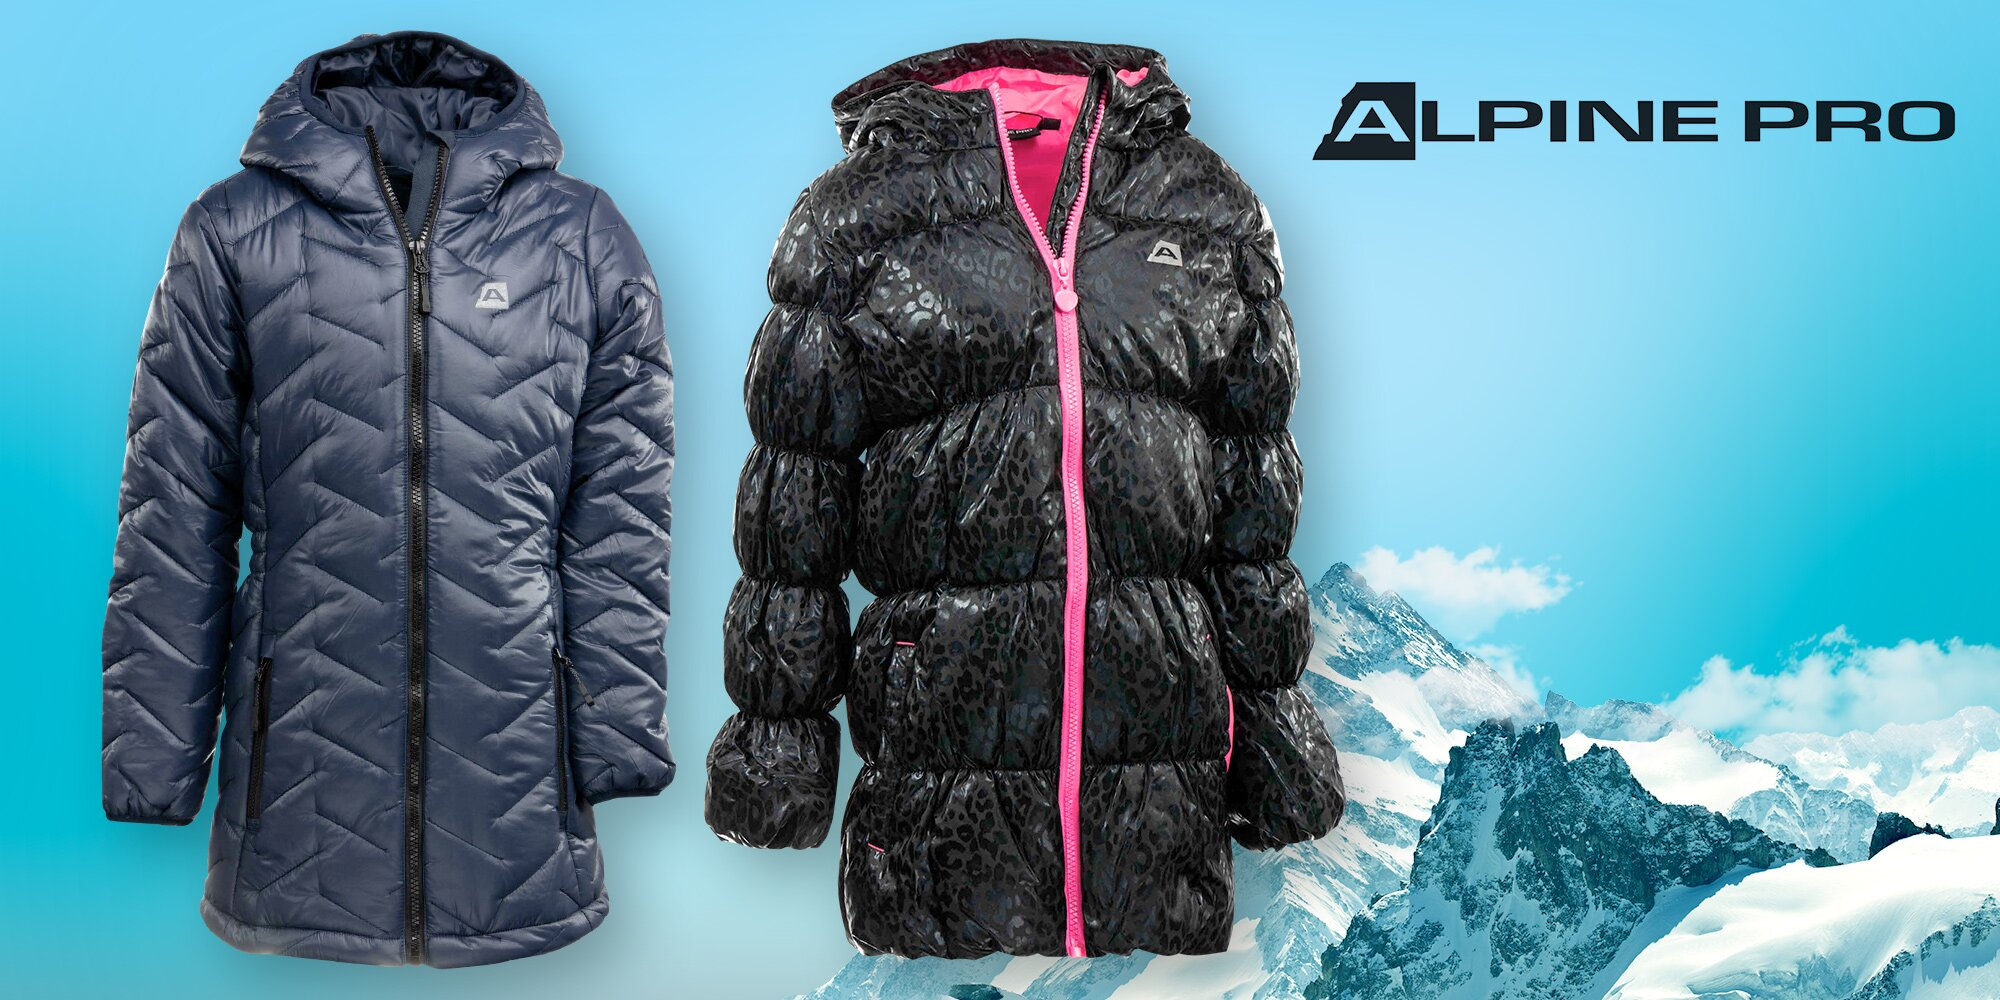 ececcf8319bf Dětské zateplené kabáty Alpine Pro  2 barvy